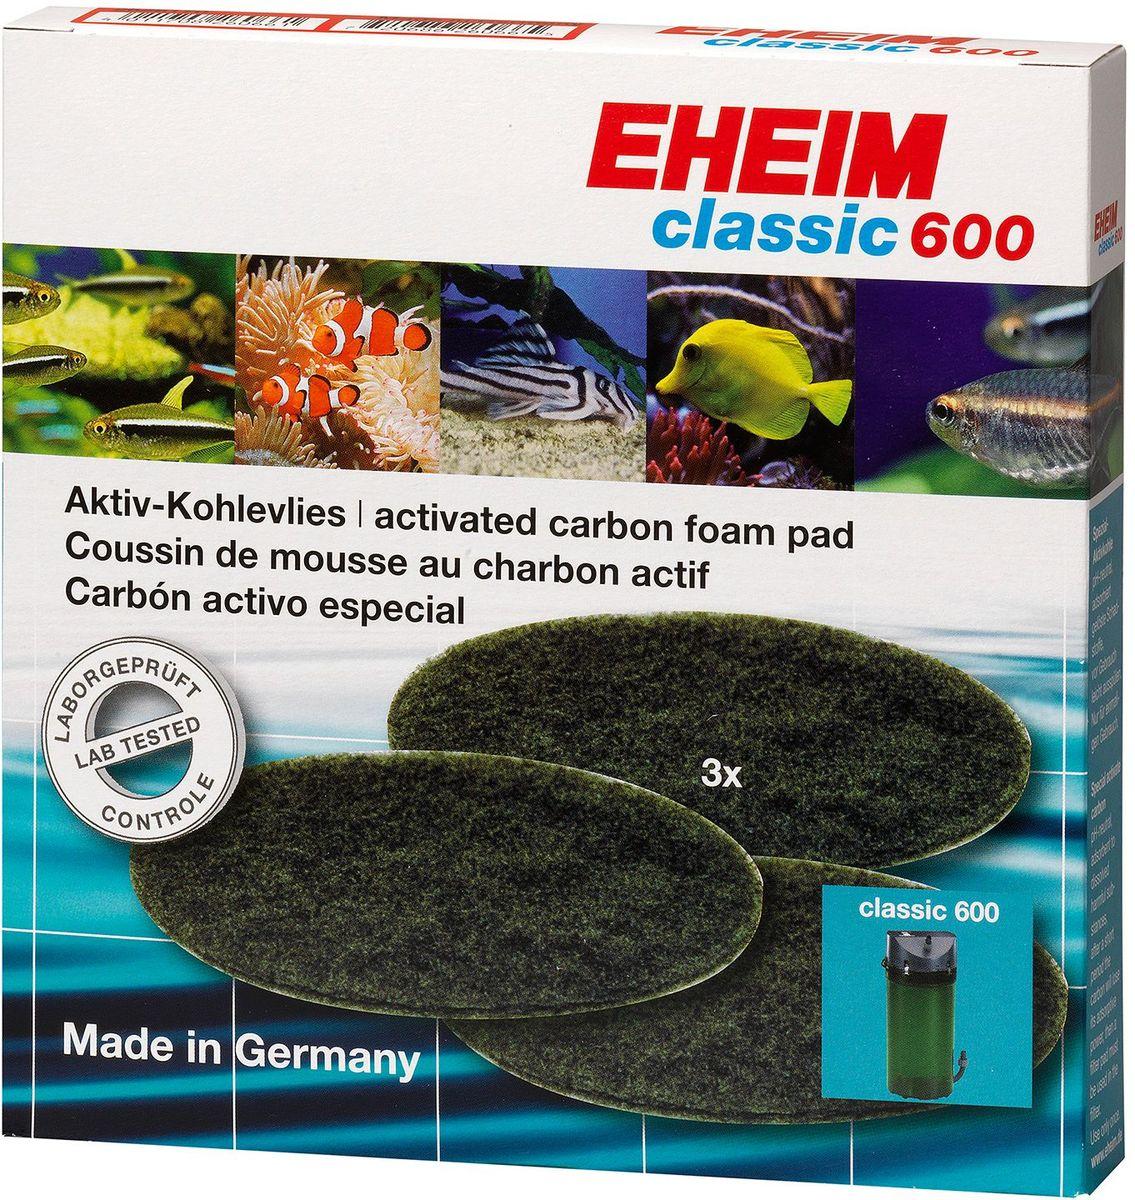 Наполнитель для фильтра Eheim Classic 600, угольный, 3 шт2628170Губка пористая с активированным углем для фильтров CLASSIC применяется при запуске аквариума или после медикаментозного лечения. Эффективно удаляет вредные вещества-хлор, остатки лекарств.